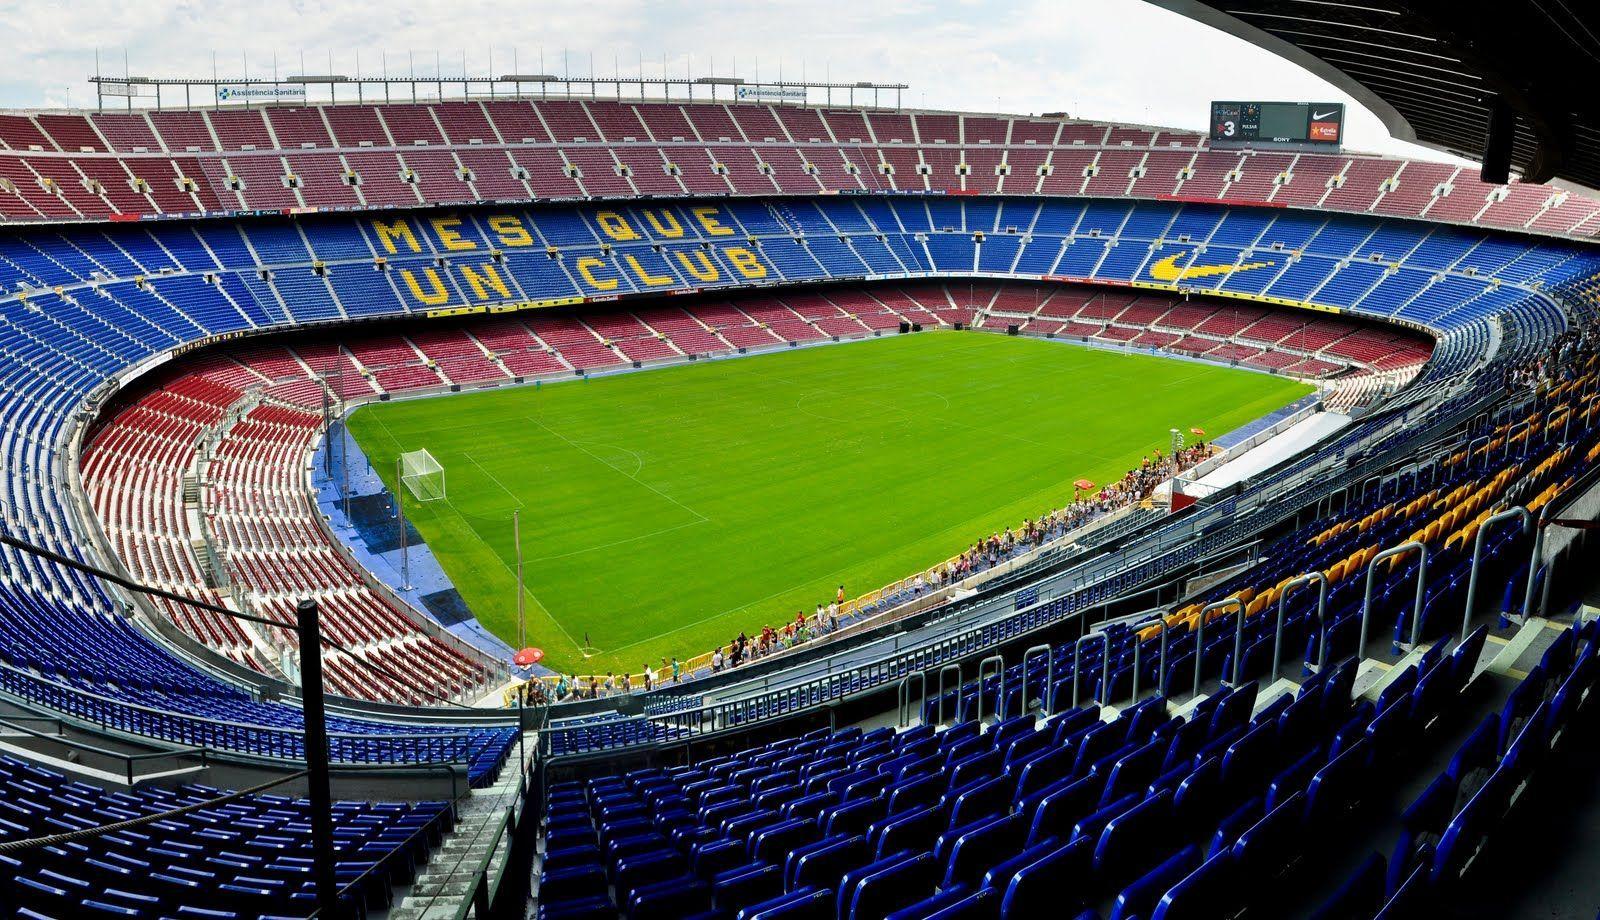 ¿Quién juega en el Camp Nou?